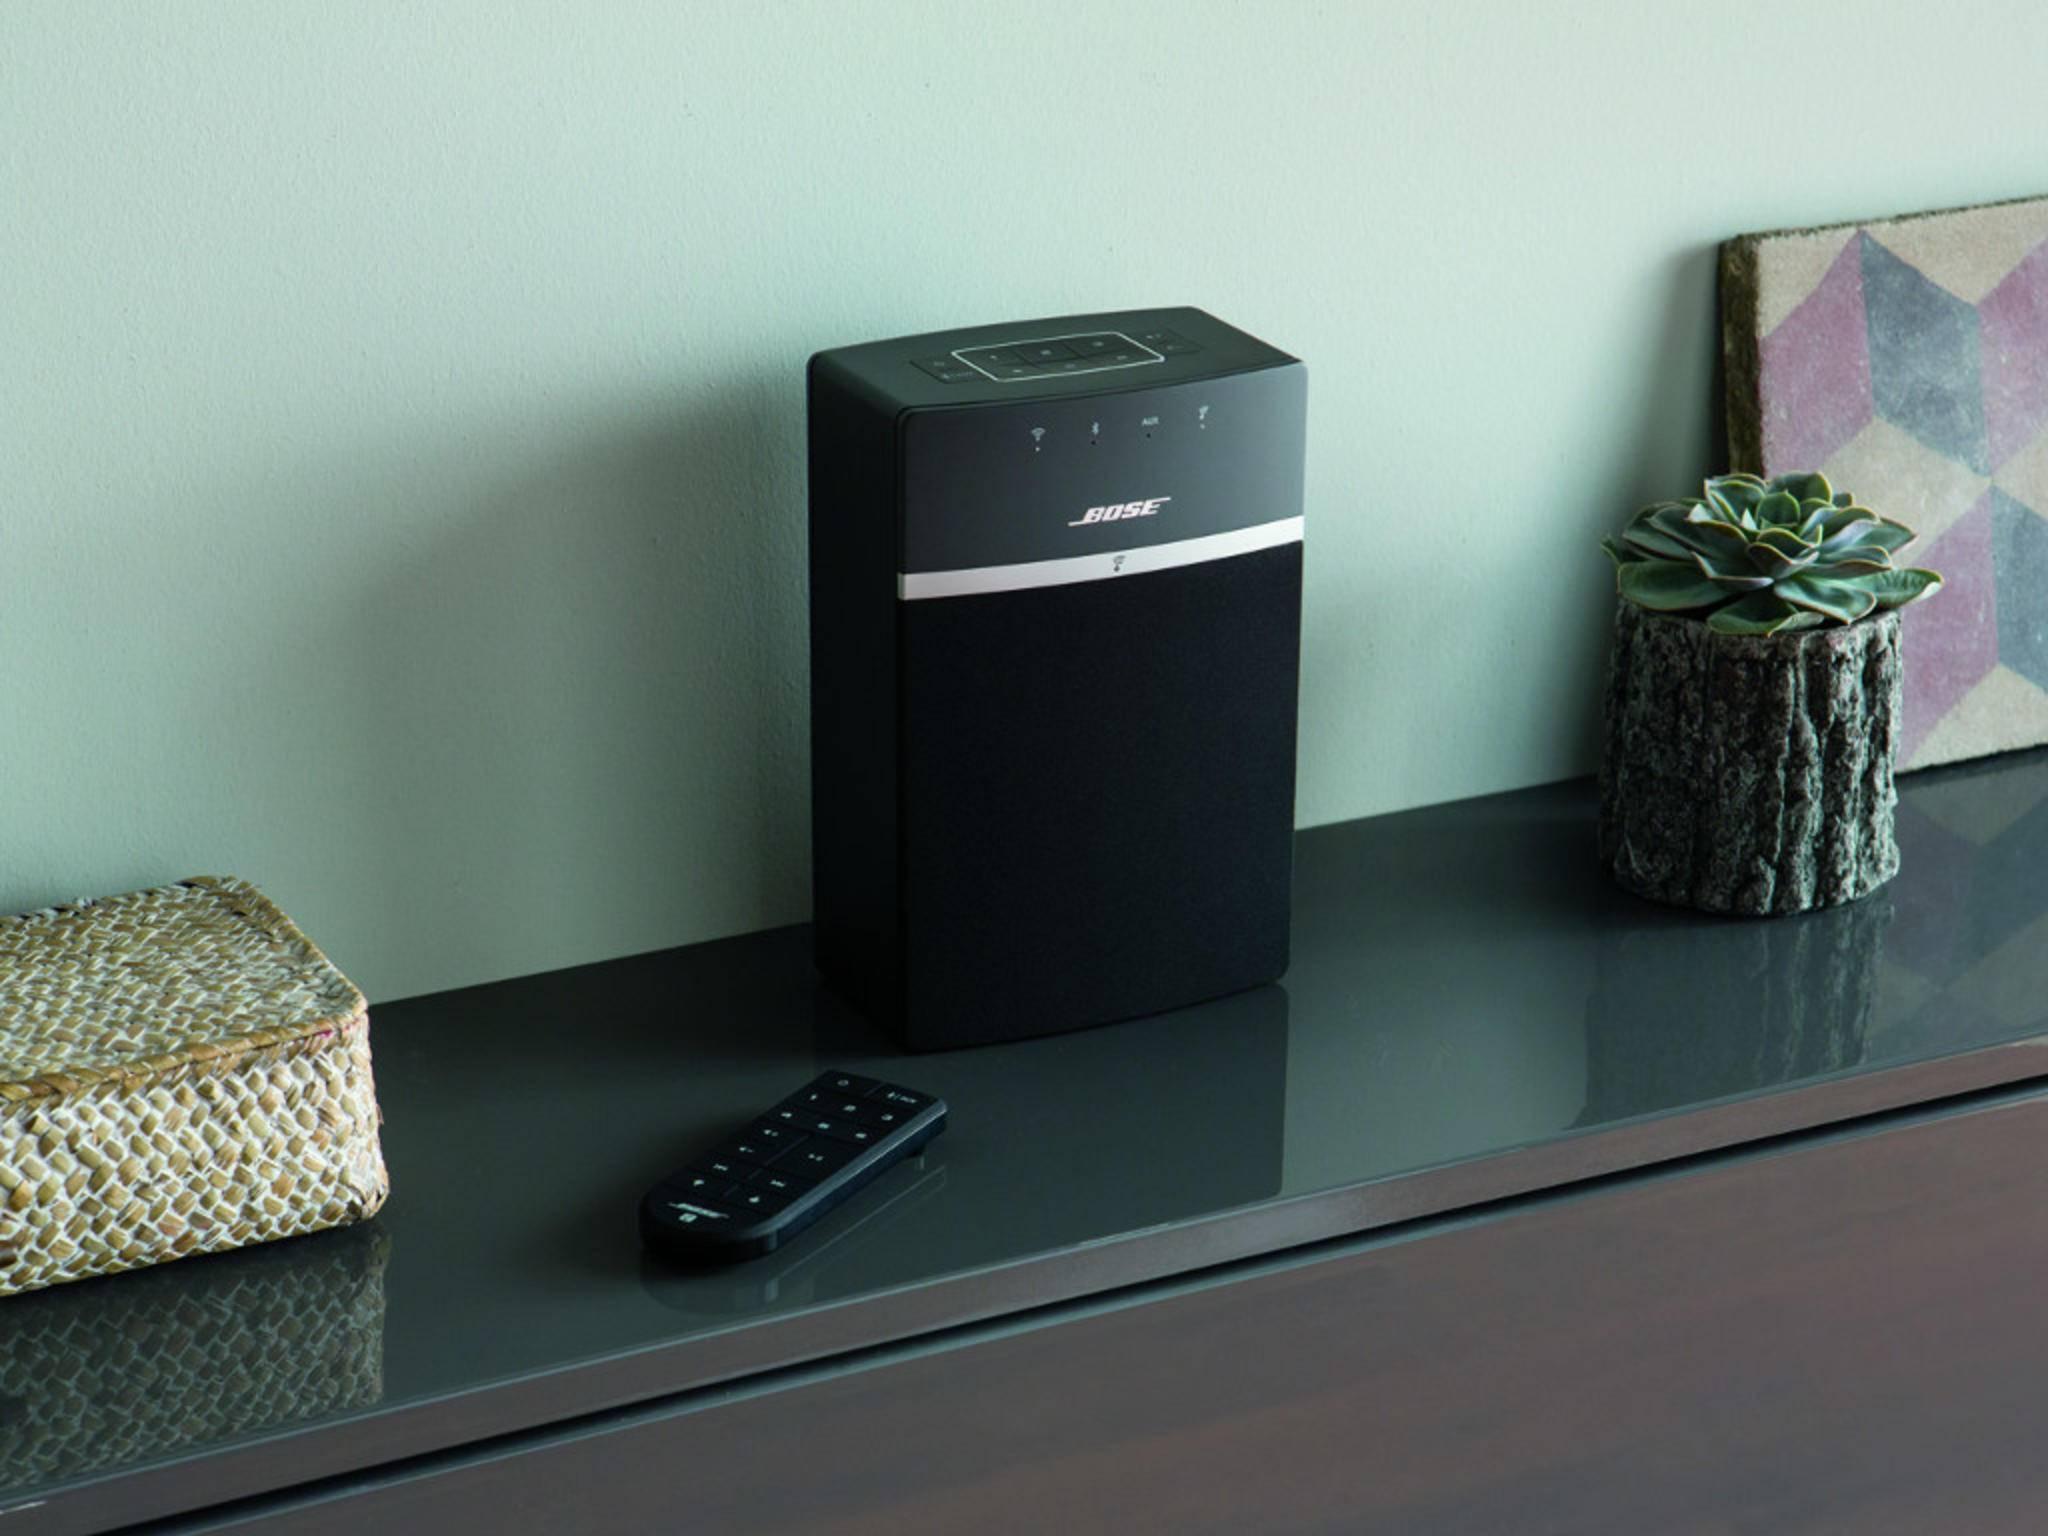 Der neue SoundTouch 10 von Bose unterstützt Bluetooth und WLAN.